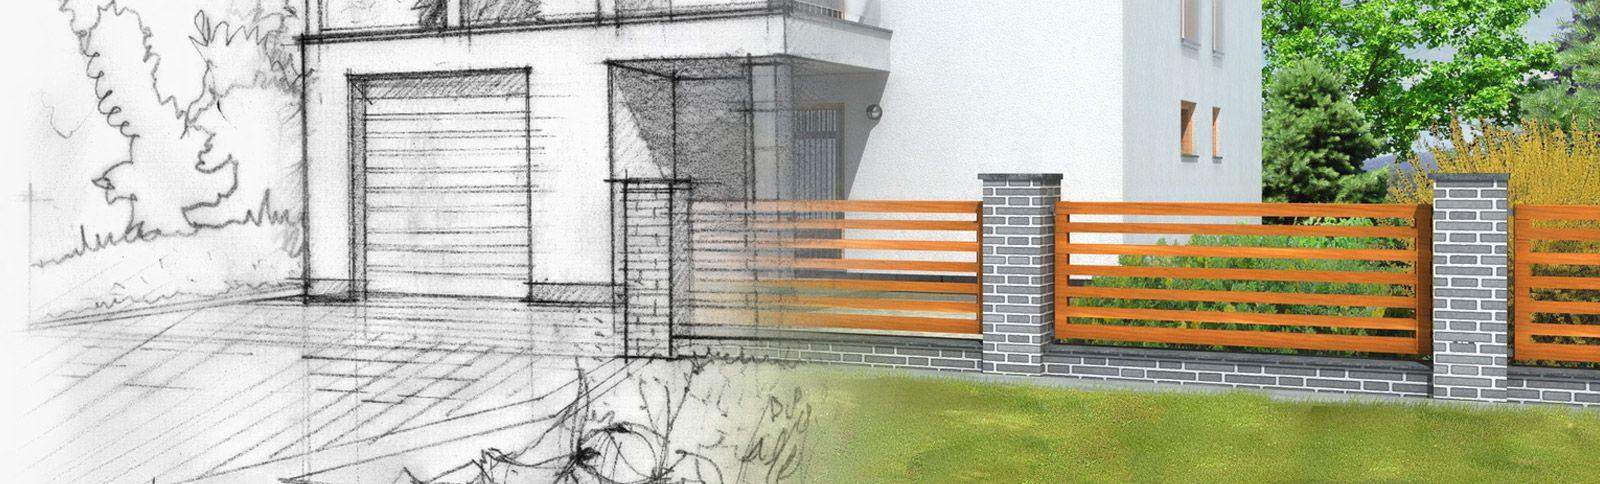 Planung Und Gestaltung Grunbau Erfurt Garten Und Landschaftsbau